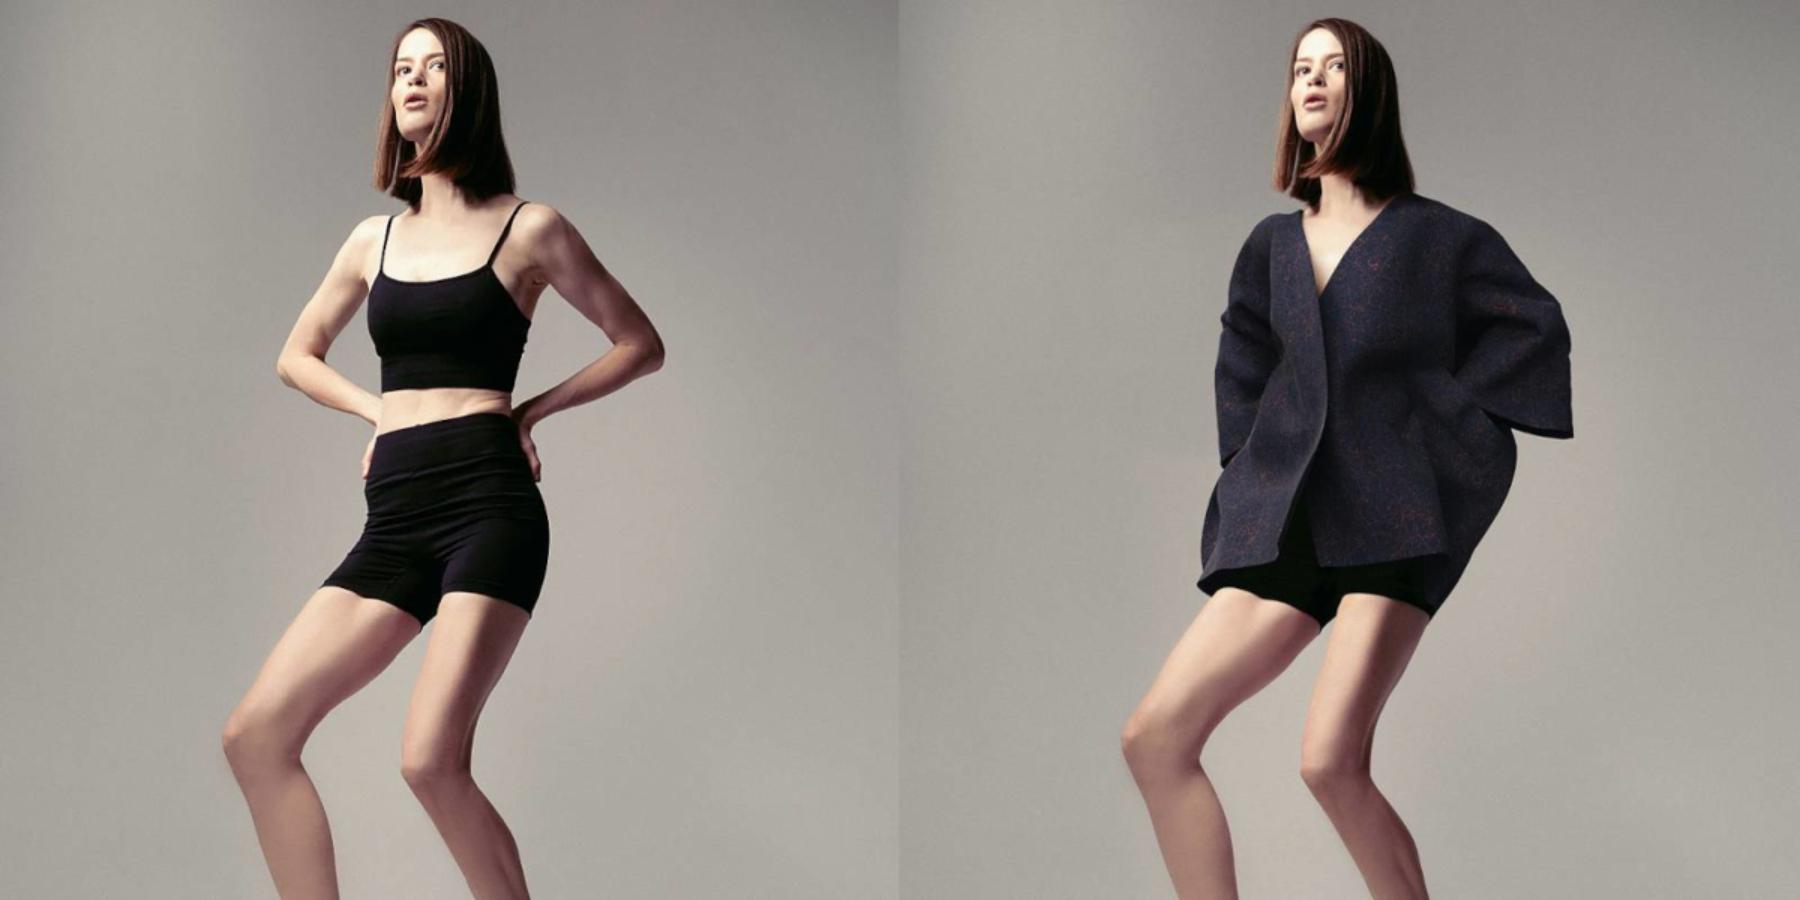 Cyfrowa moda – przyszłość branży odzieżowej towirtualne ubrania? Zacyfrową sukienkę zapłacisz $9500